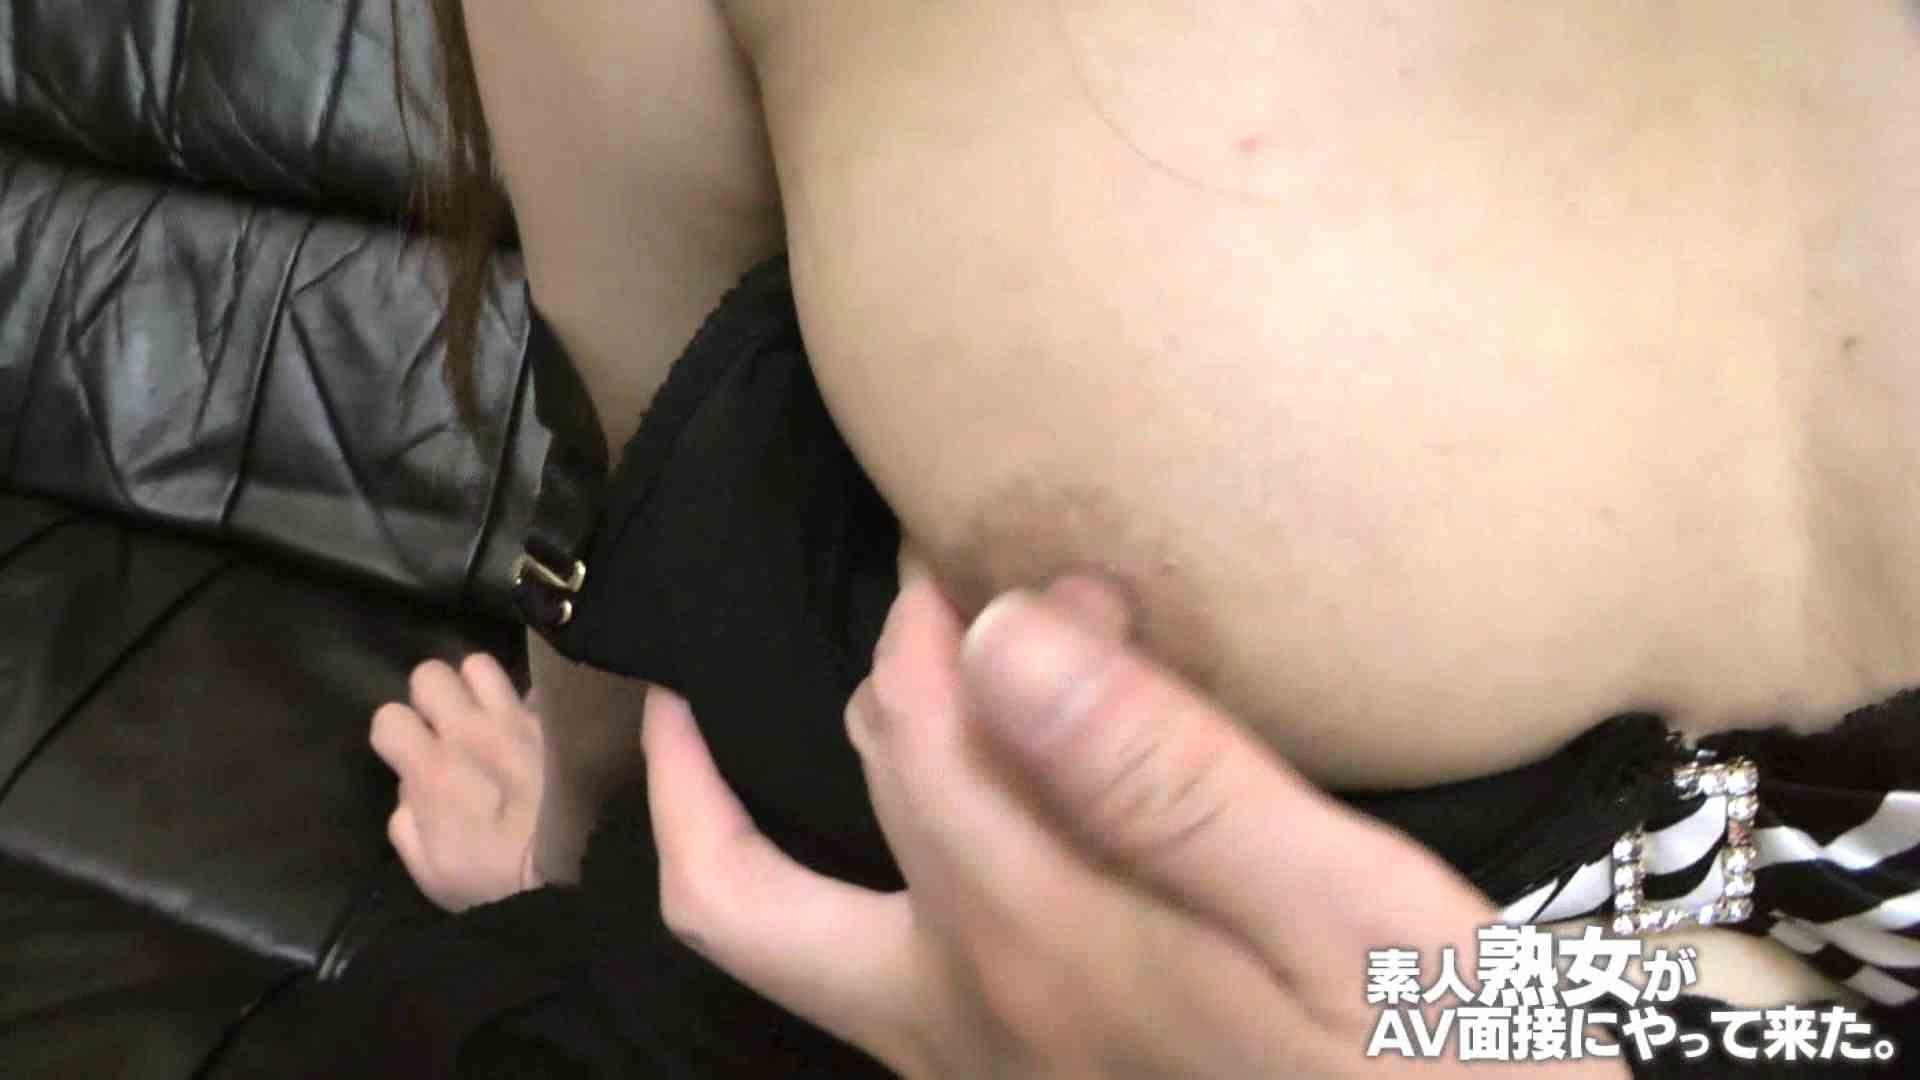 ヤリマンのオマンコ:素人熟女がAV面接にやってきた (仮名)ゆかさんVOL.03:大奥